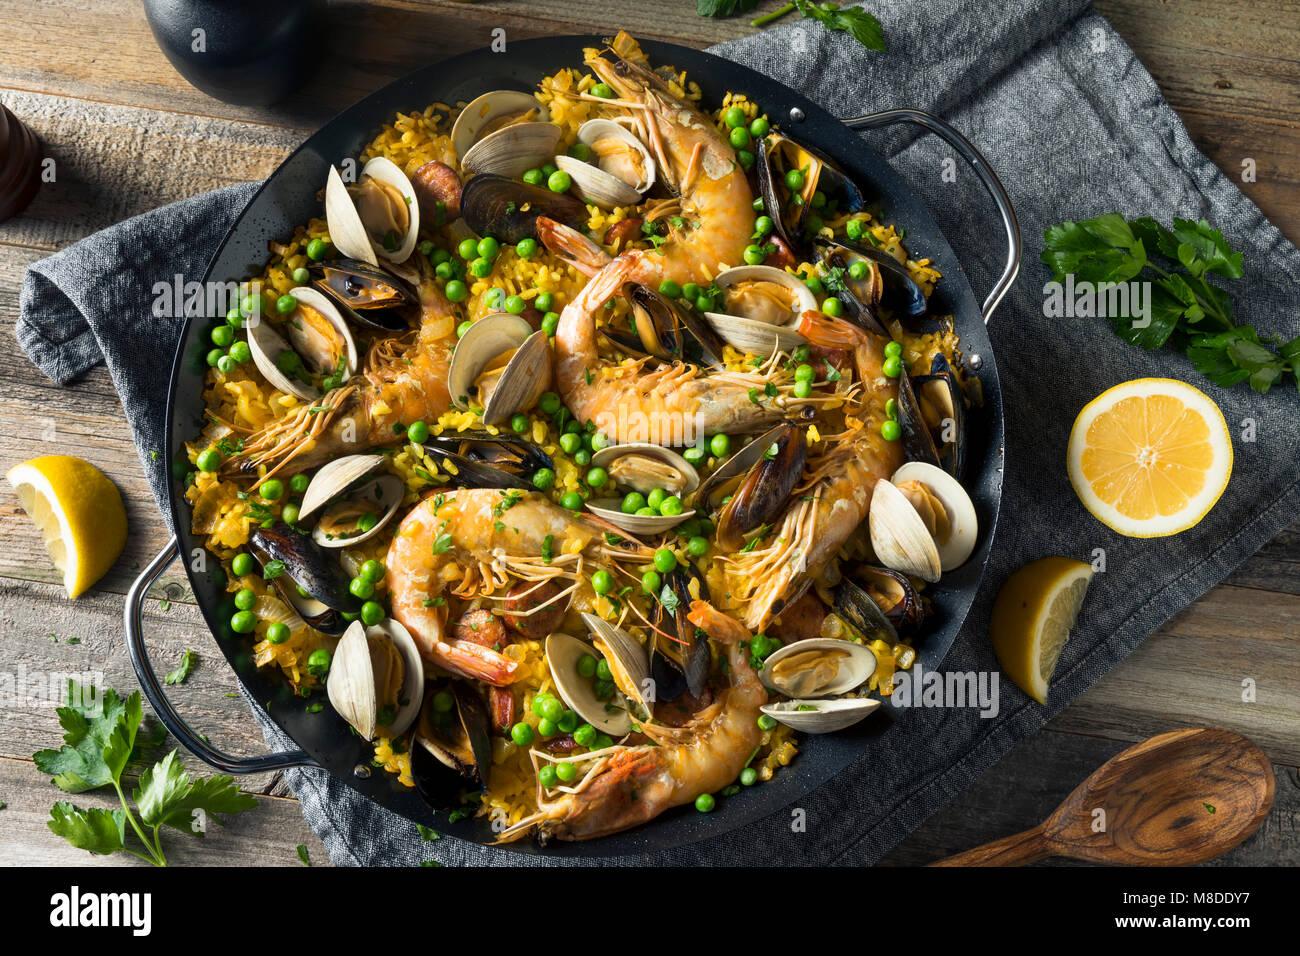 Hausgemachte spanische Paella mit Garnelen Muscheln und Venusmuscheln Stockfoto